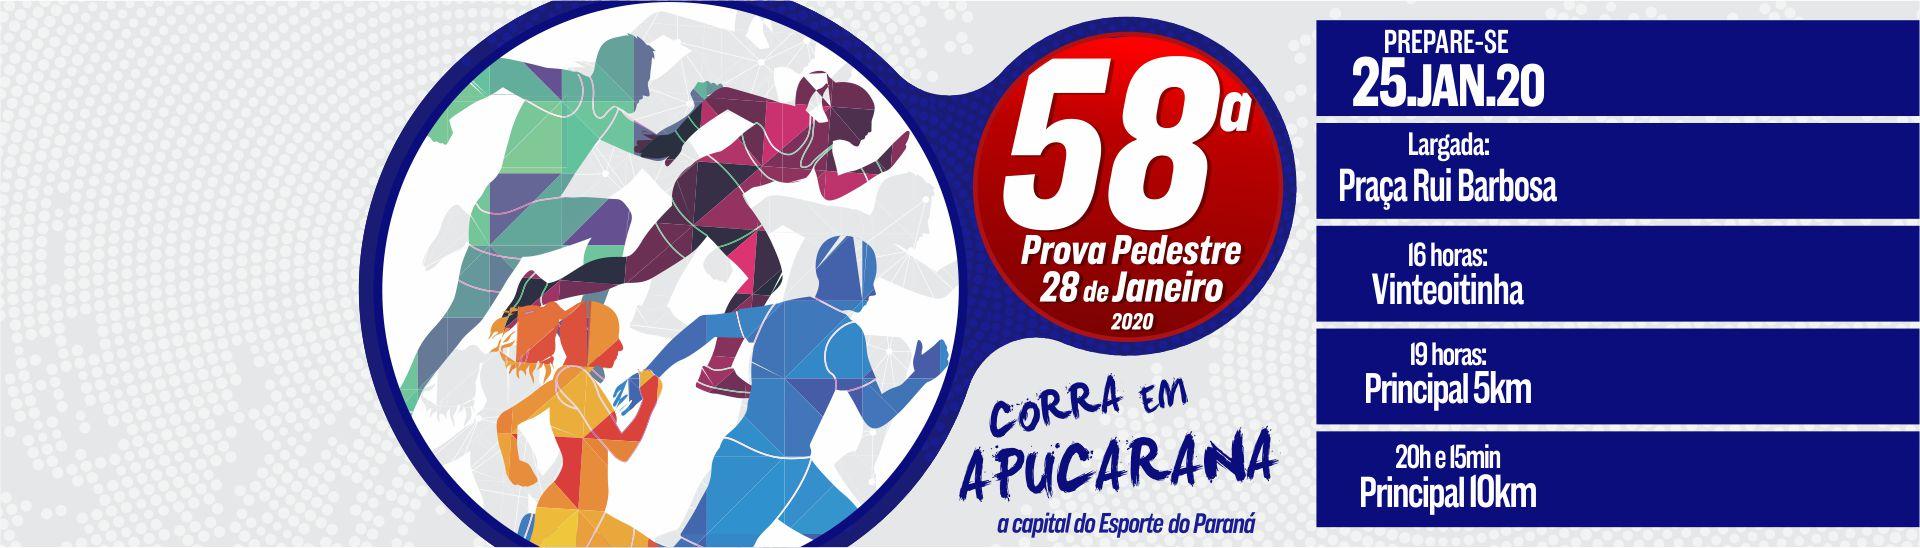 58ª Prova Pedestre 28 de Janeiro 2020